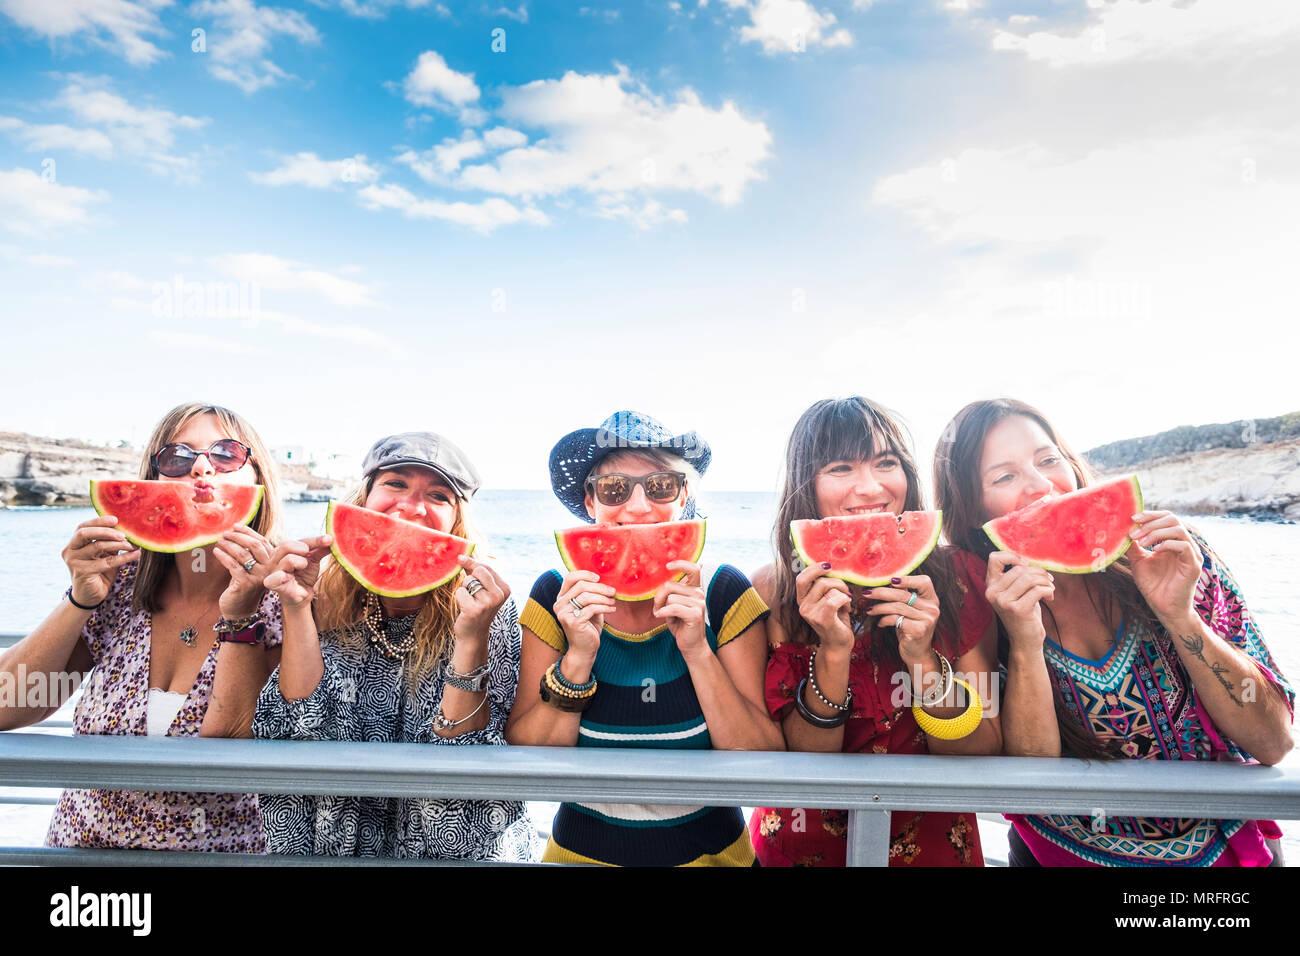 Fünf schöne glückliche junge Frauen kaukasischen Essen Wassermelone Sommer und warmen Tag mit Sonne in der Nähe des Ozeans zu feiern. schöne Farben für die Gruppe Stockbild